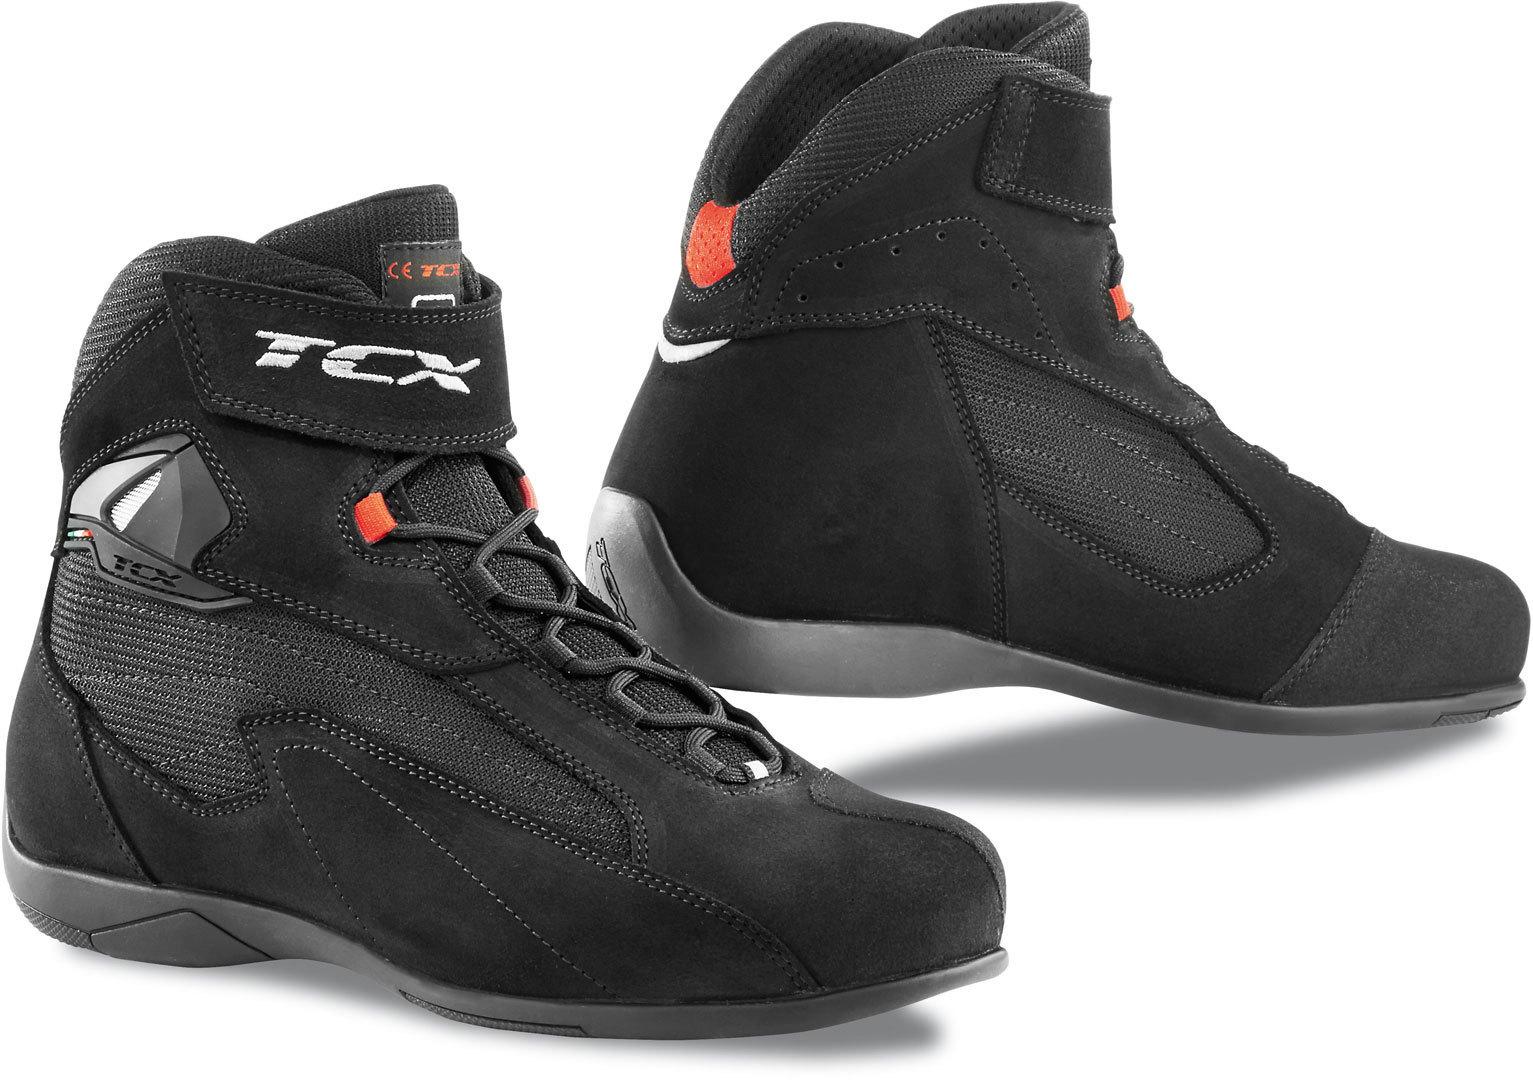 TCX Pulse Motorradschuhe, schwarz, Größe 41, schwarz, Größe 41